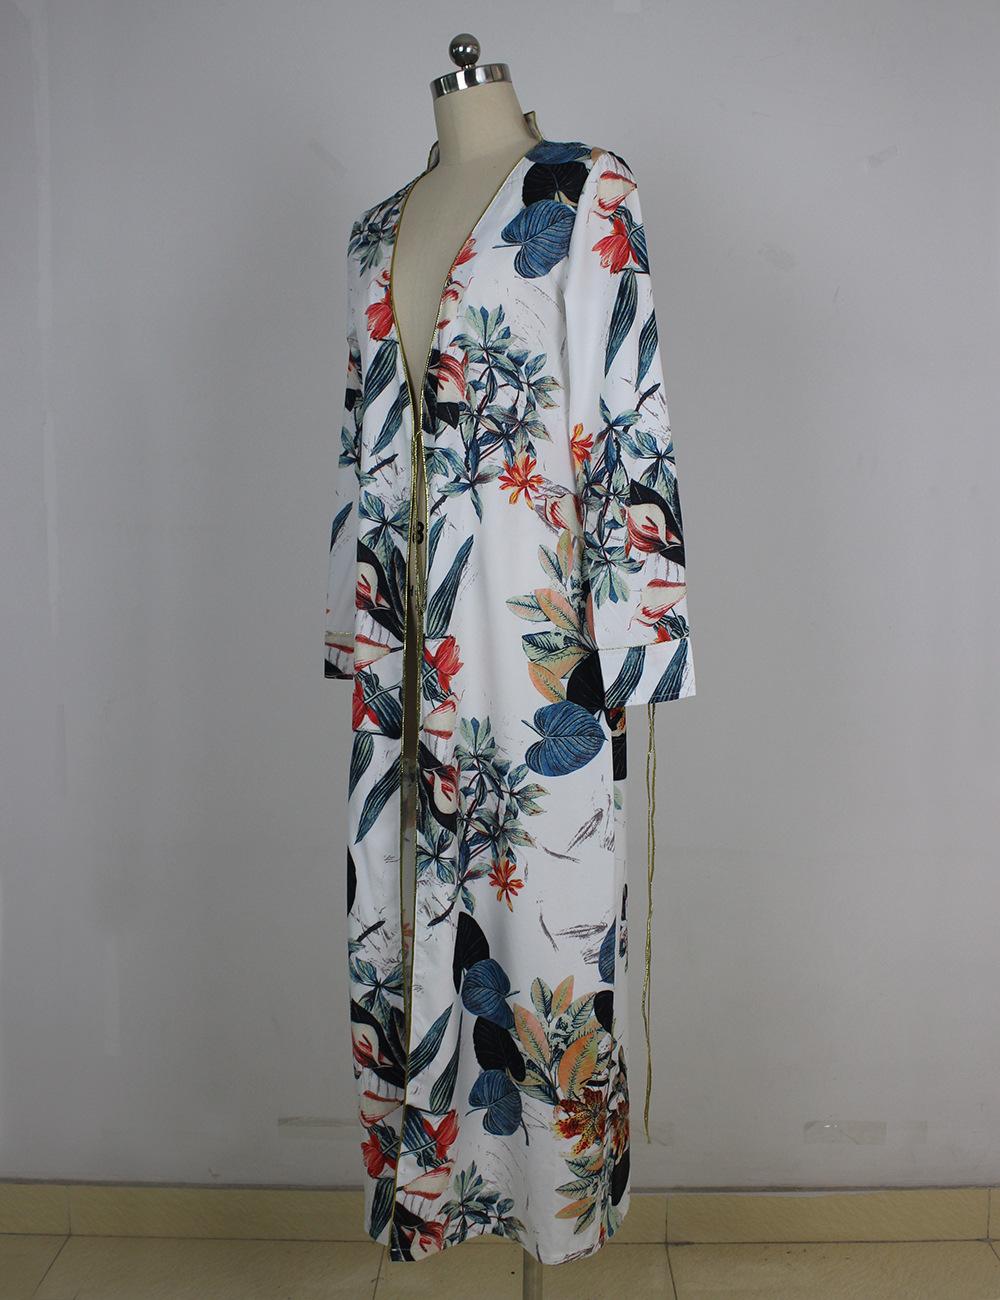 HTB1vH0YQXXXXXX5XVXXq6xXFXXXI - Long Sleeve Ethnic Floral Print White Shirt Women Kimono Blusas